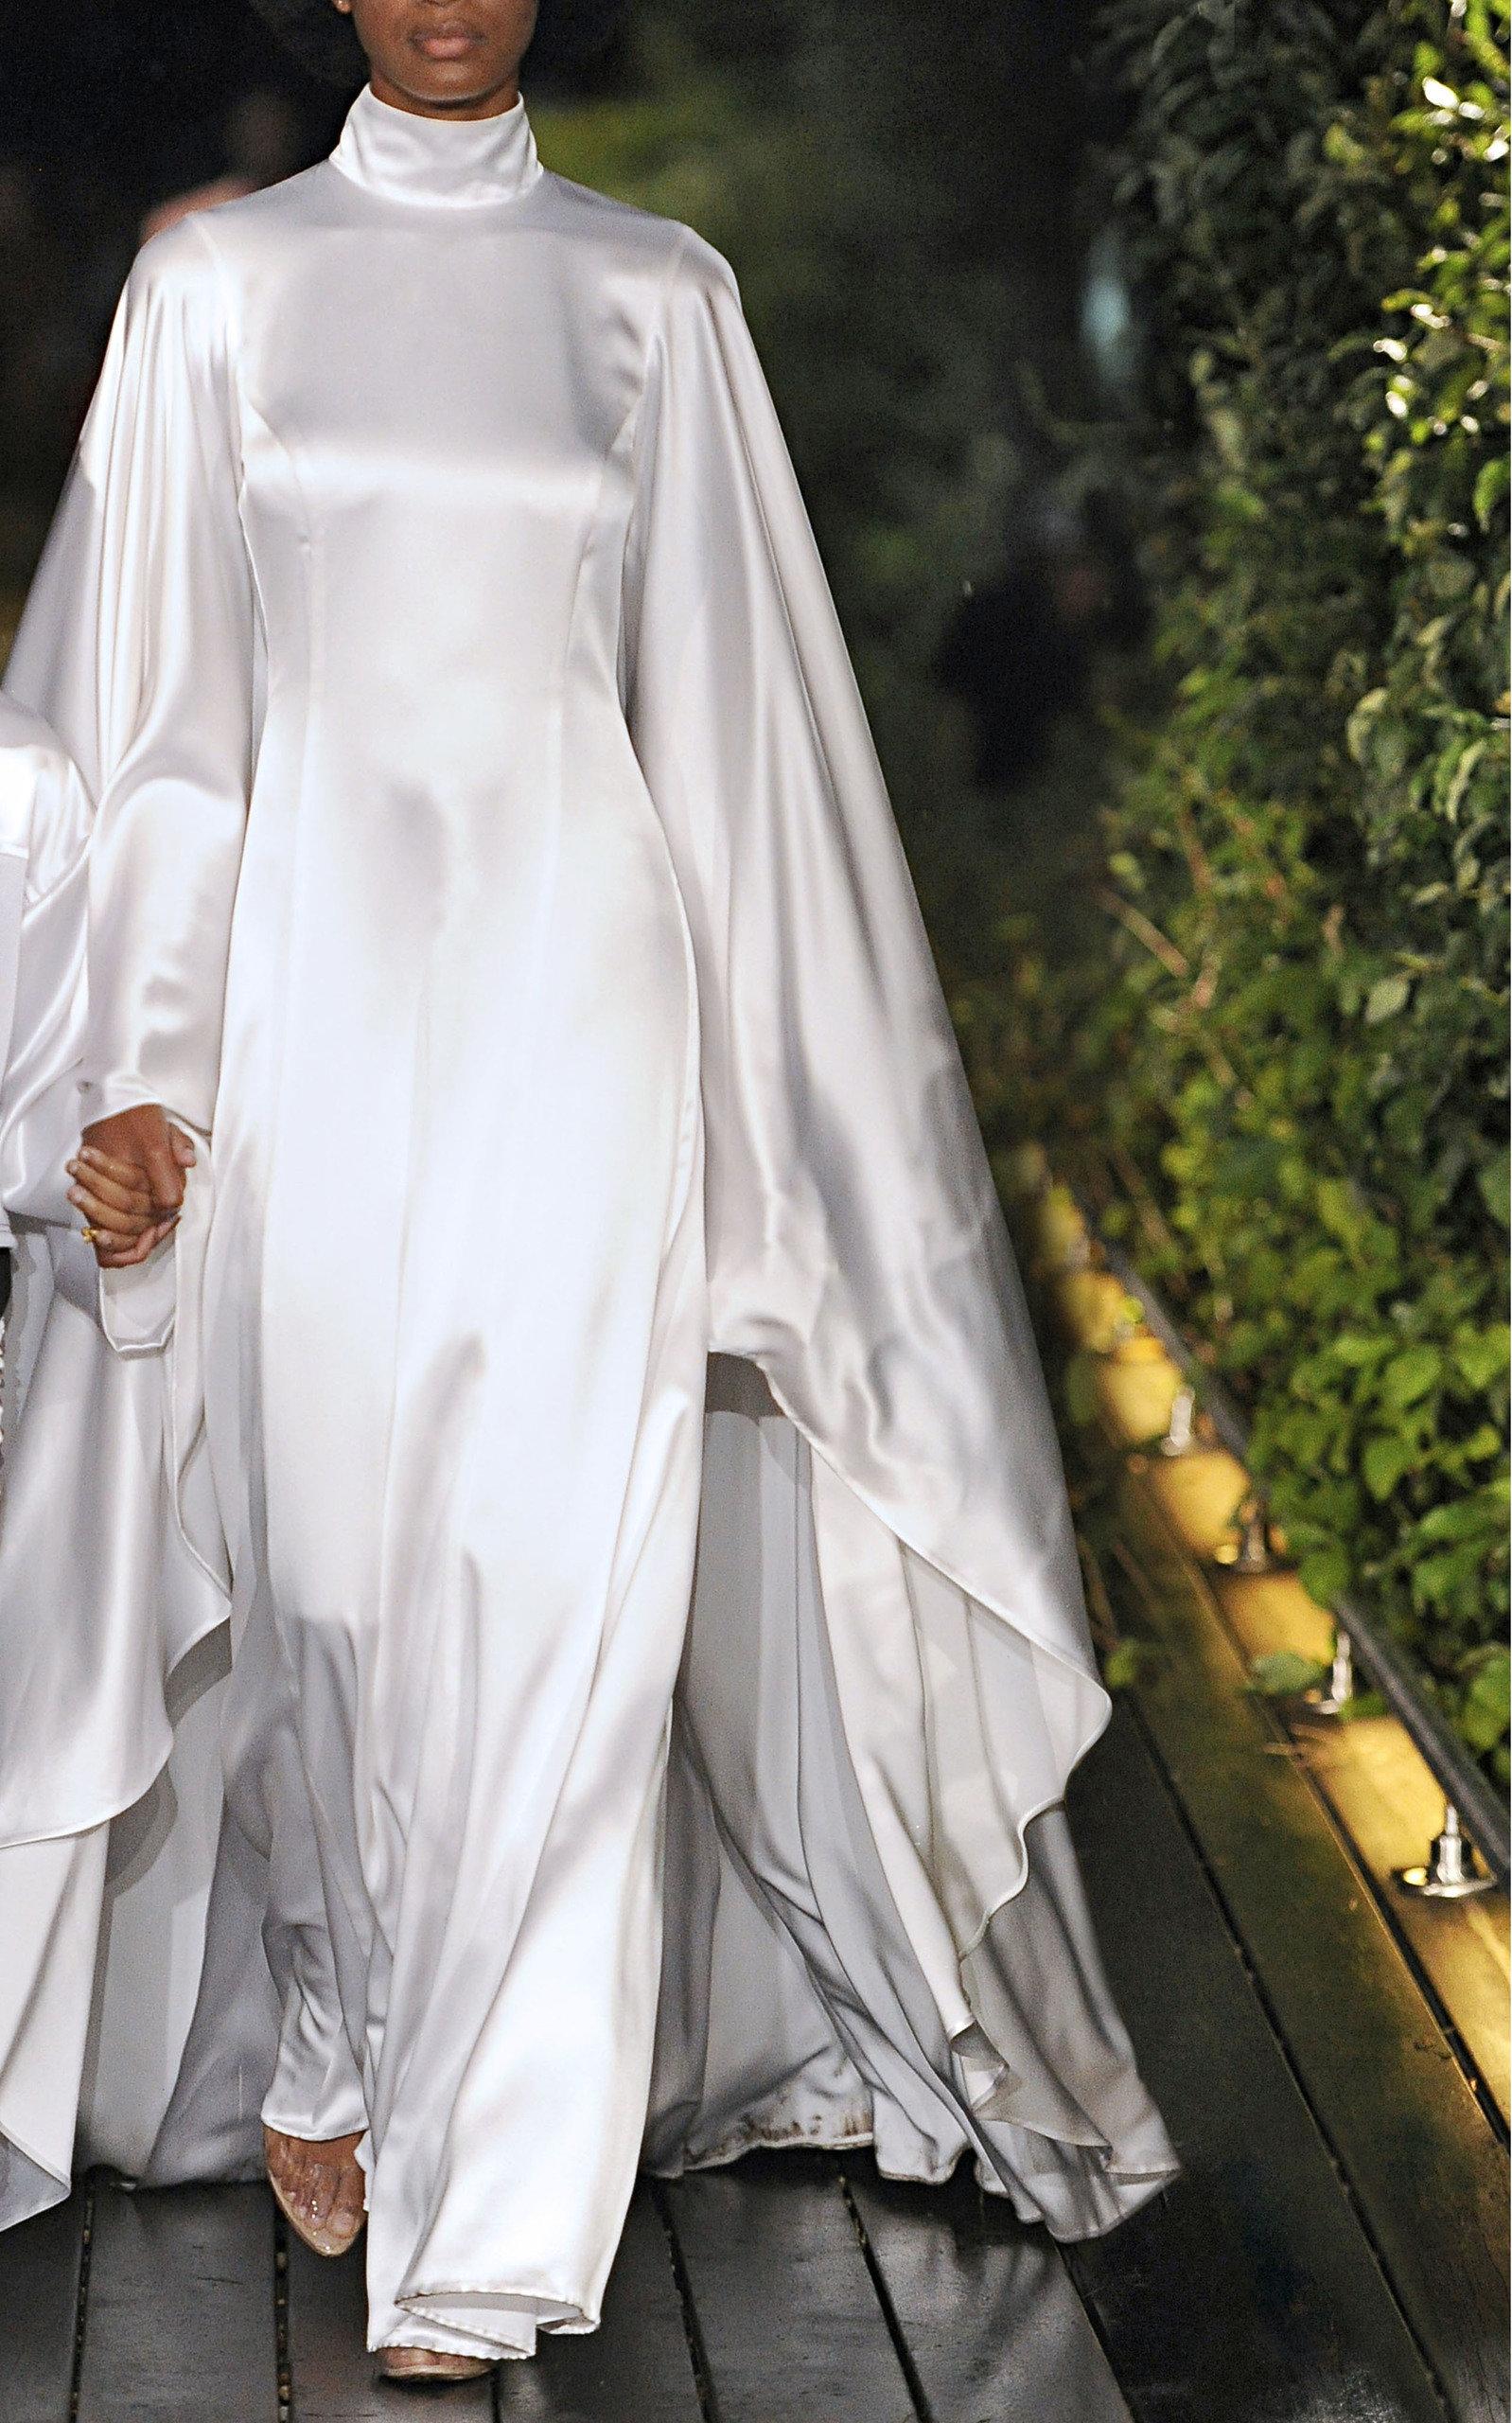 64f5203bfe Draped Silk Wedding Dress by Pyer Moss | Moda Operandi